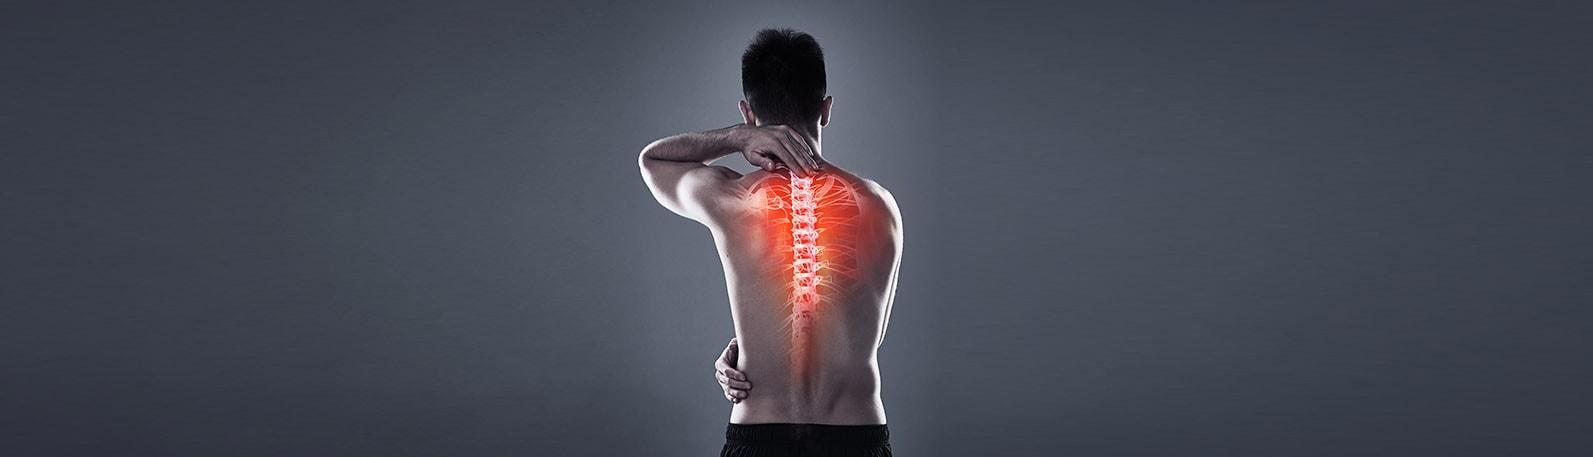 Bandscheibenvorfall Brustwirbelsäule | ATOS Orthoparc